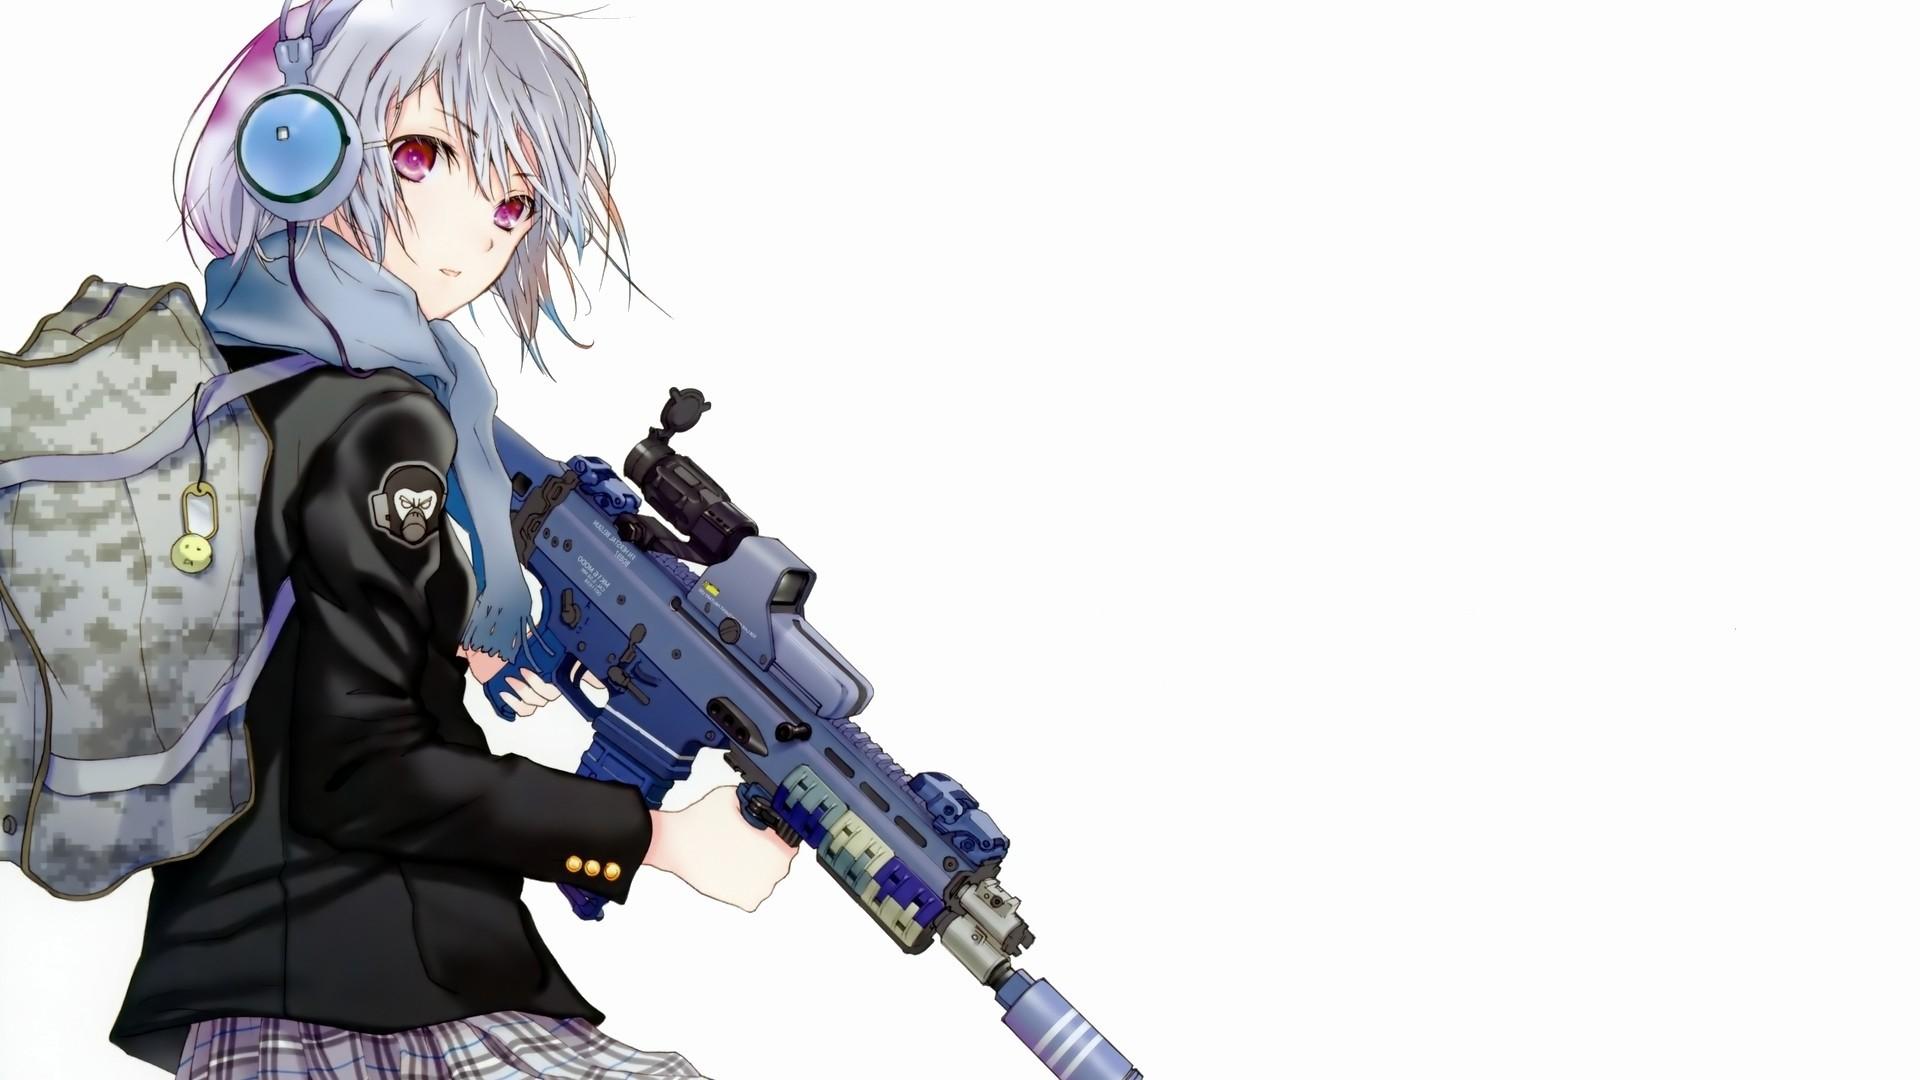 Sniper Anime Girl wallpaper – ForWallpaper.com